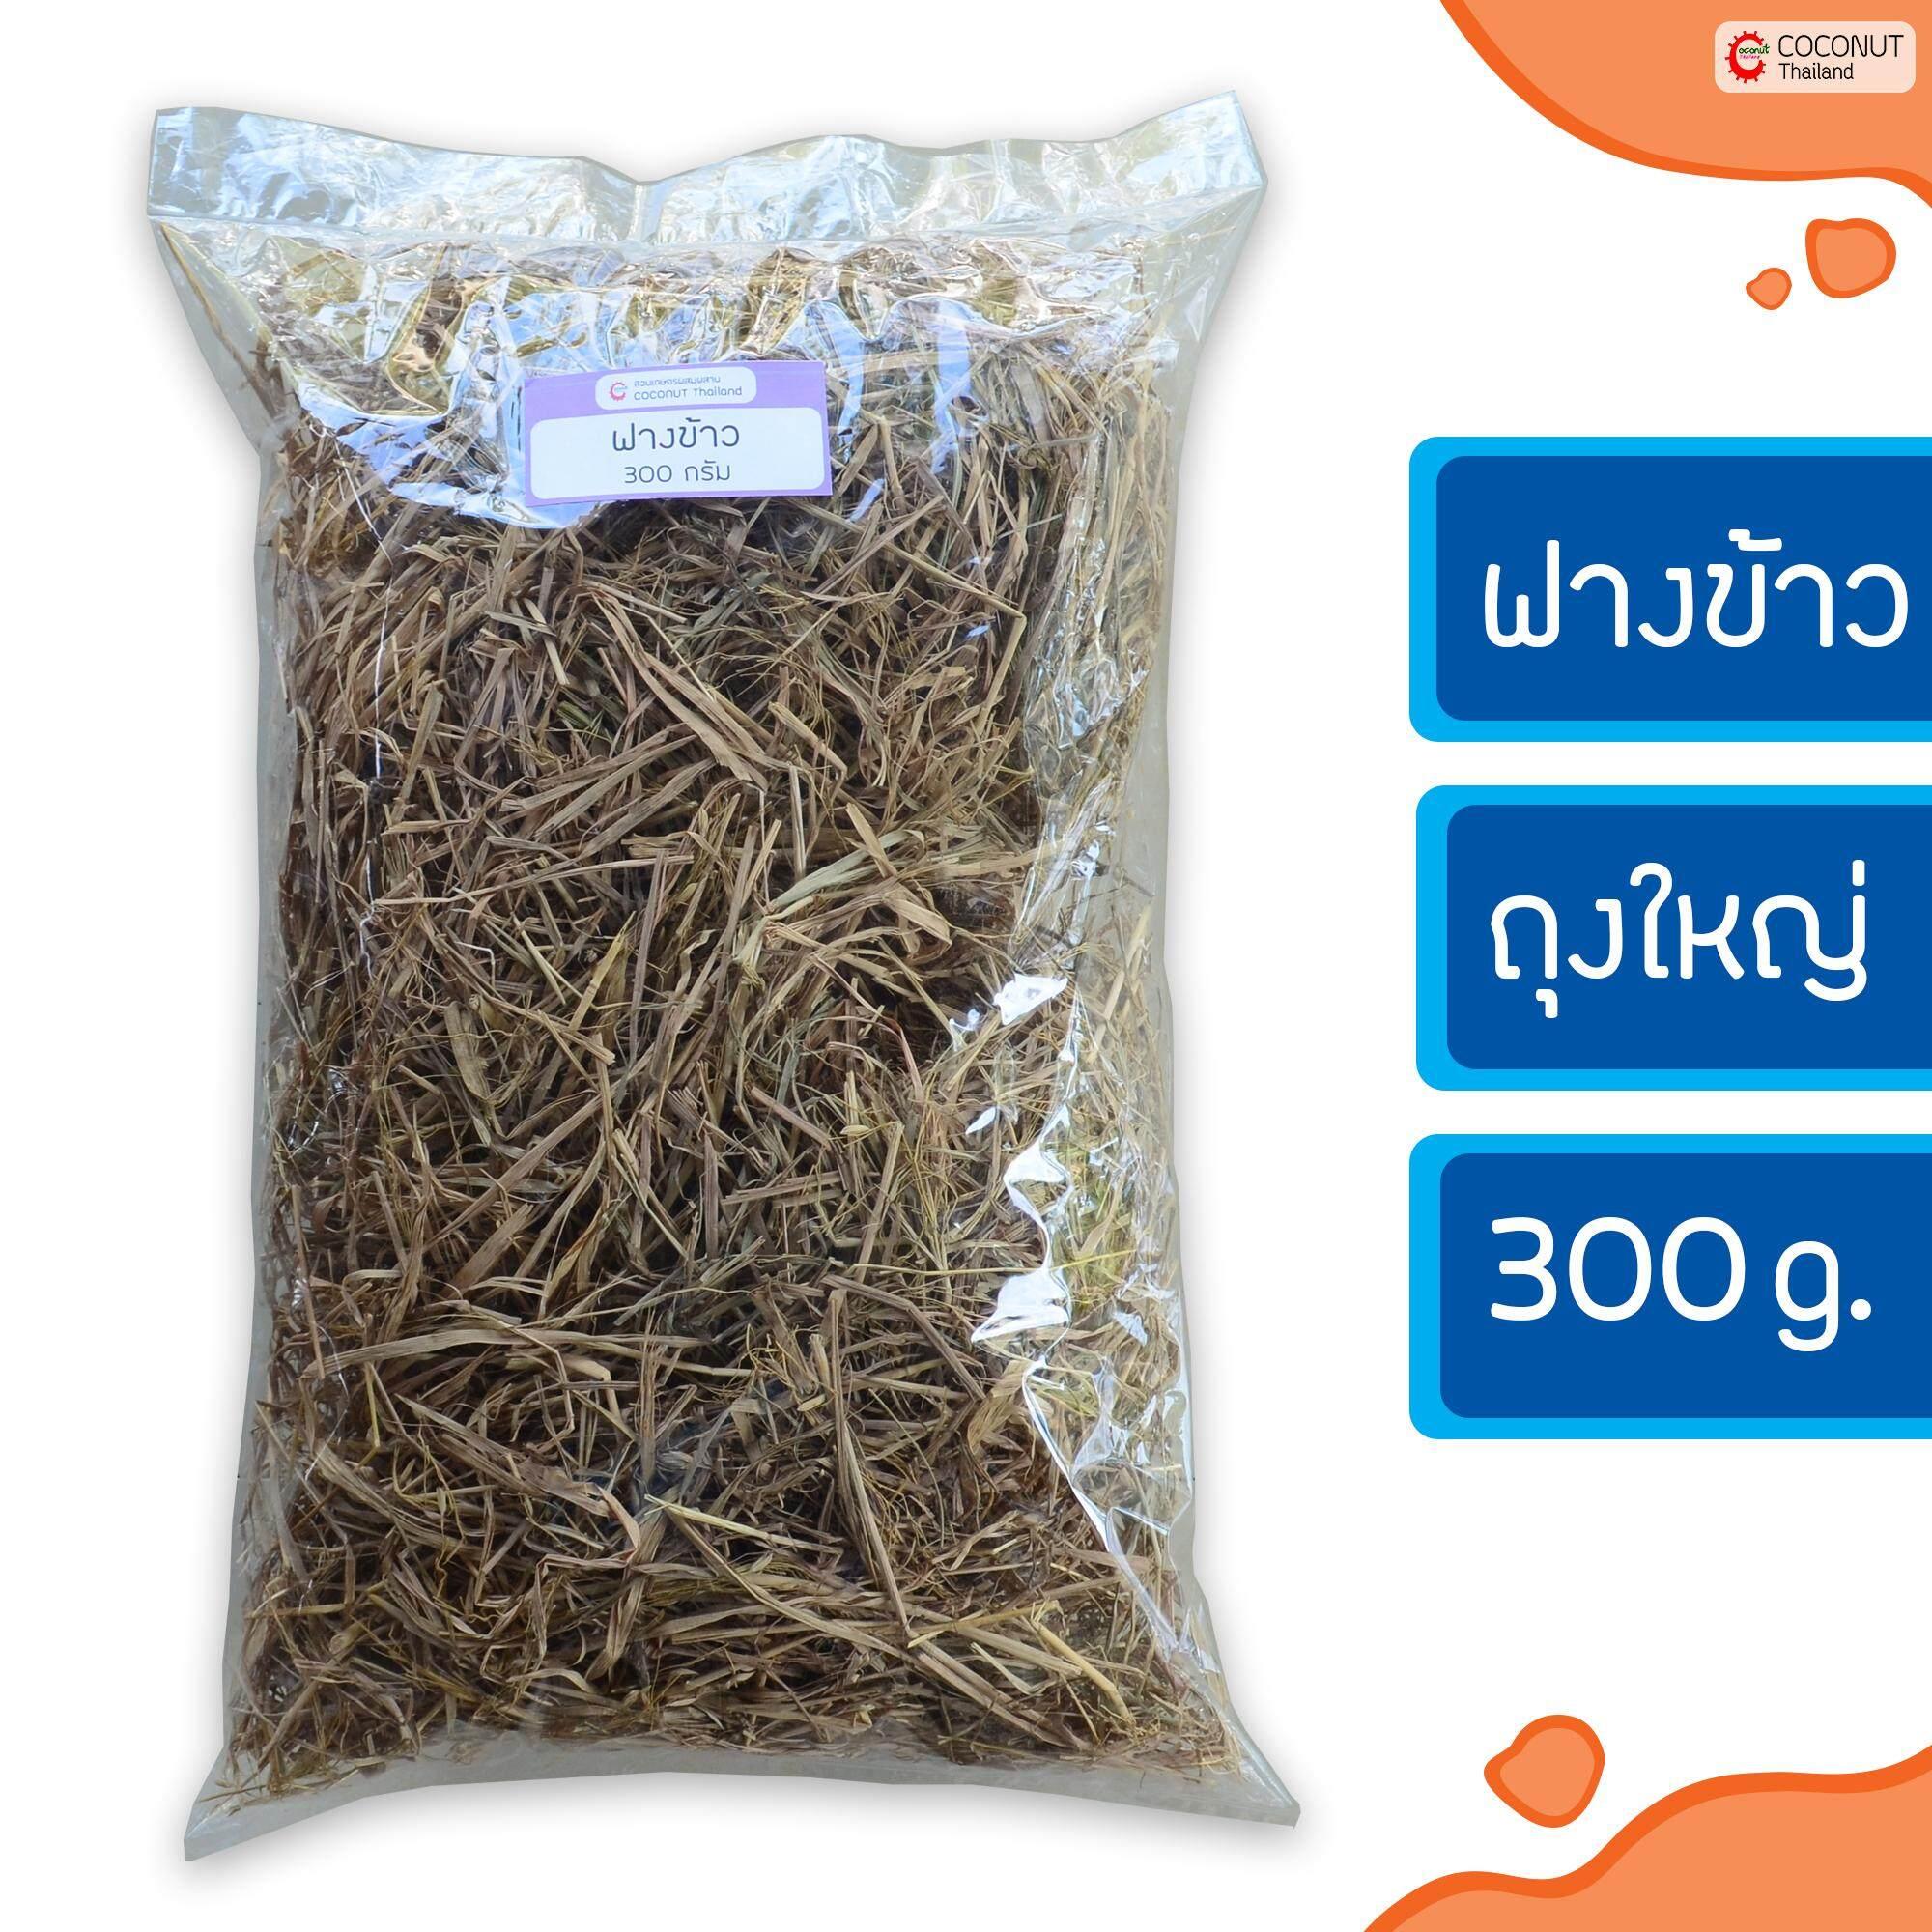 ฟางข้าว 300 G. สำหรับคลุมดินรักษาความชื้น ป้องกันหญ้าและวัชพืชงอก เพิ่มอินทรีย์วัตถุให้กับดิน By Coconut Thailand.